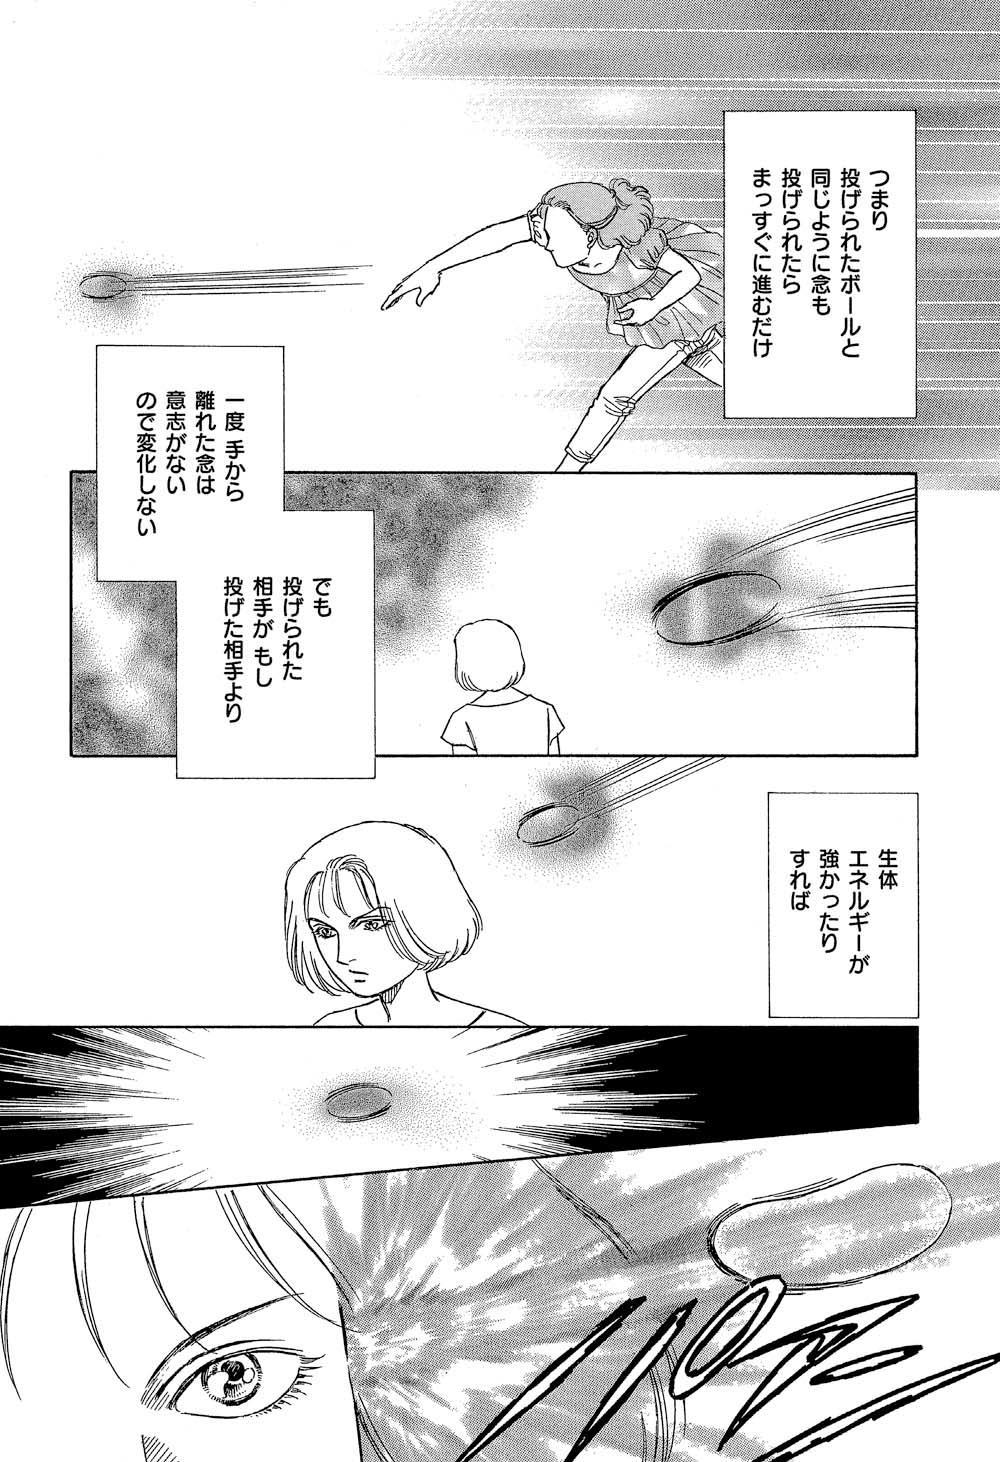 オカルト万華鏡01_090.jpg